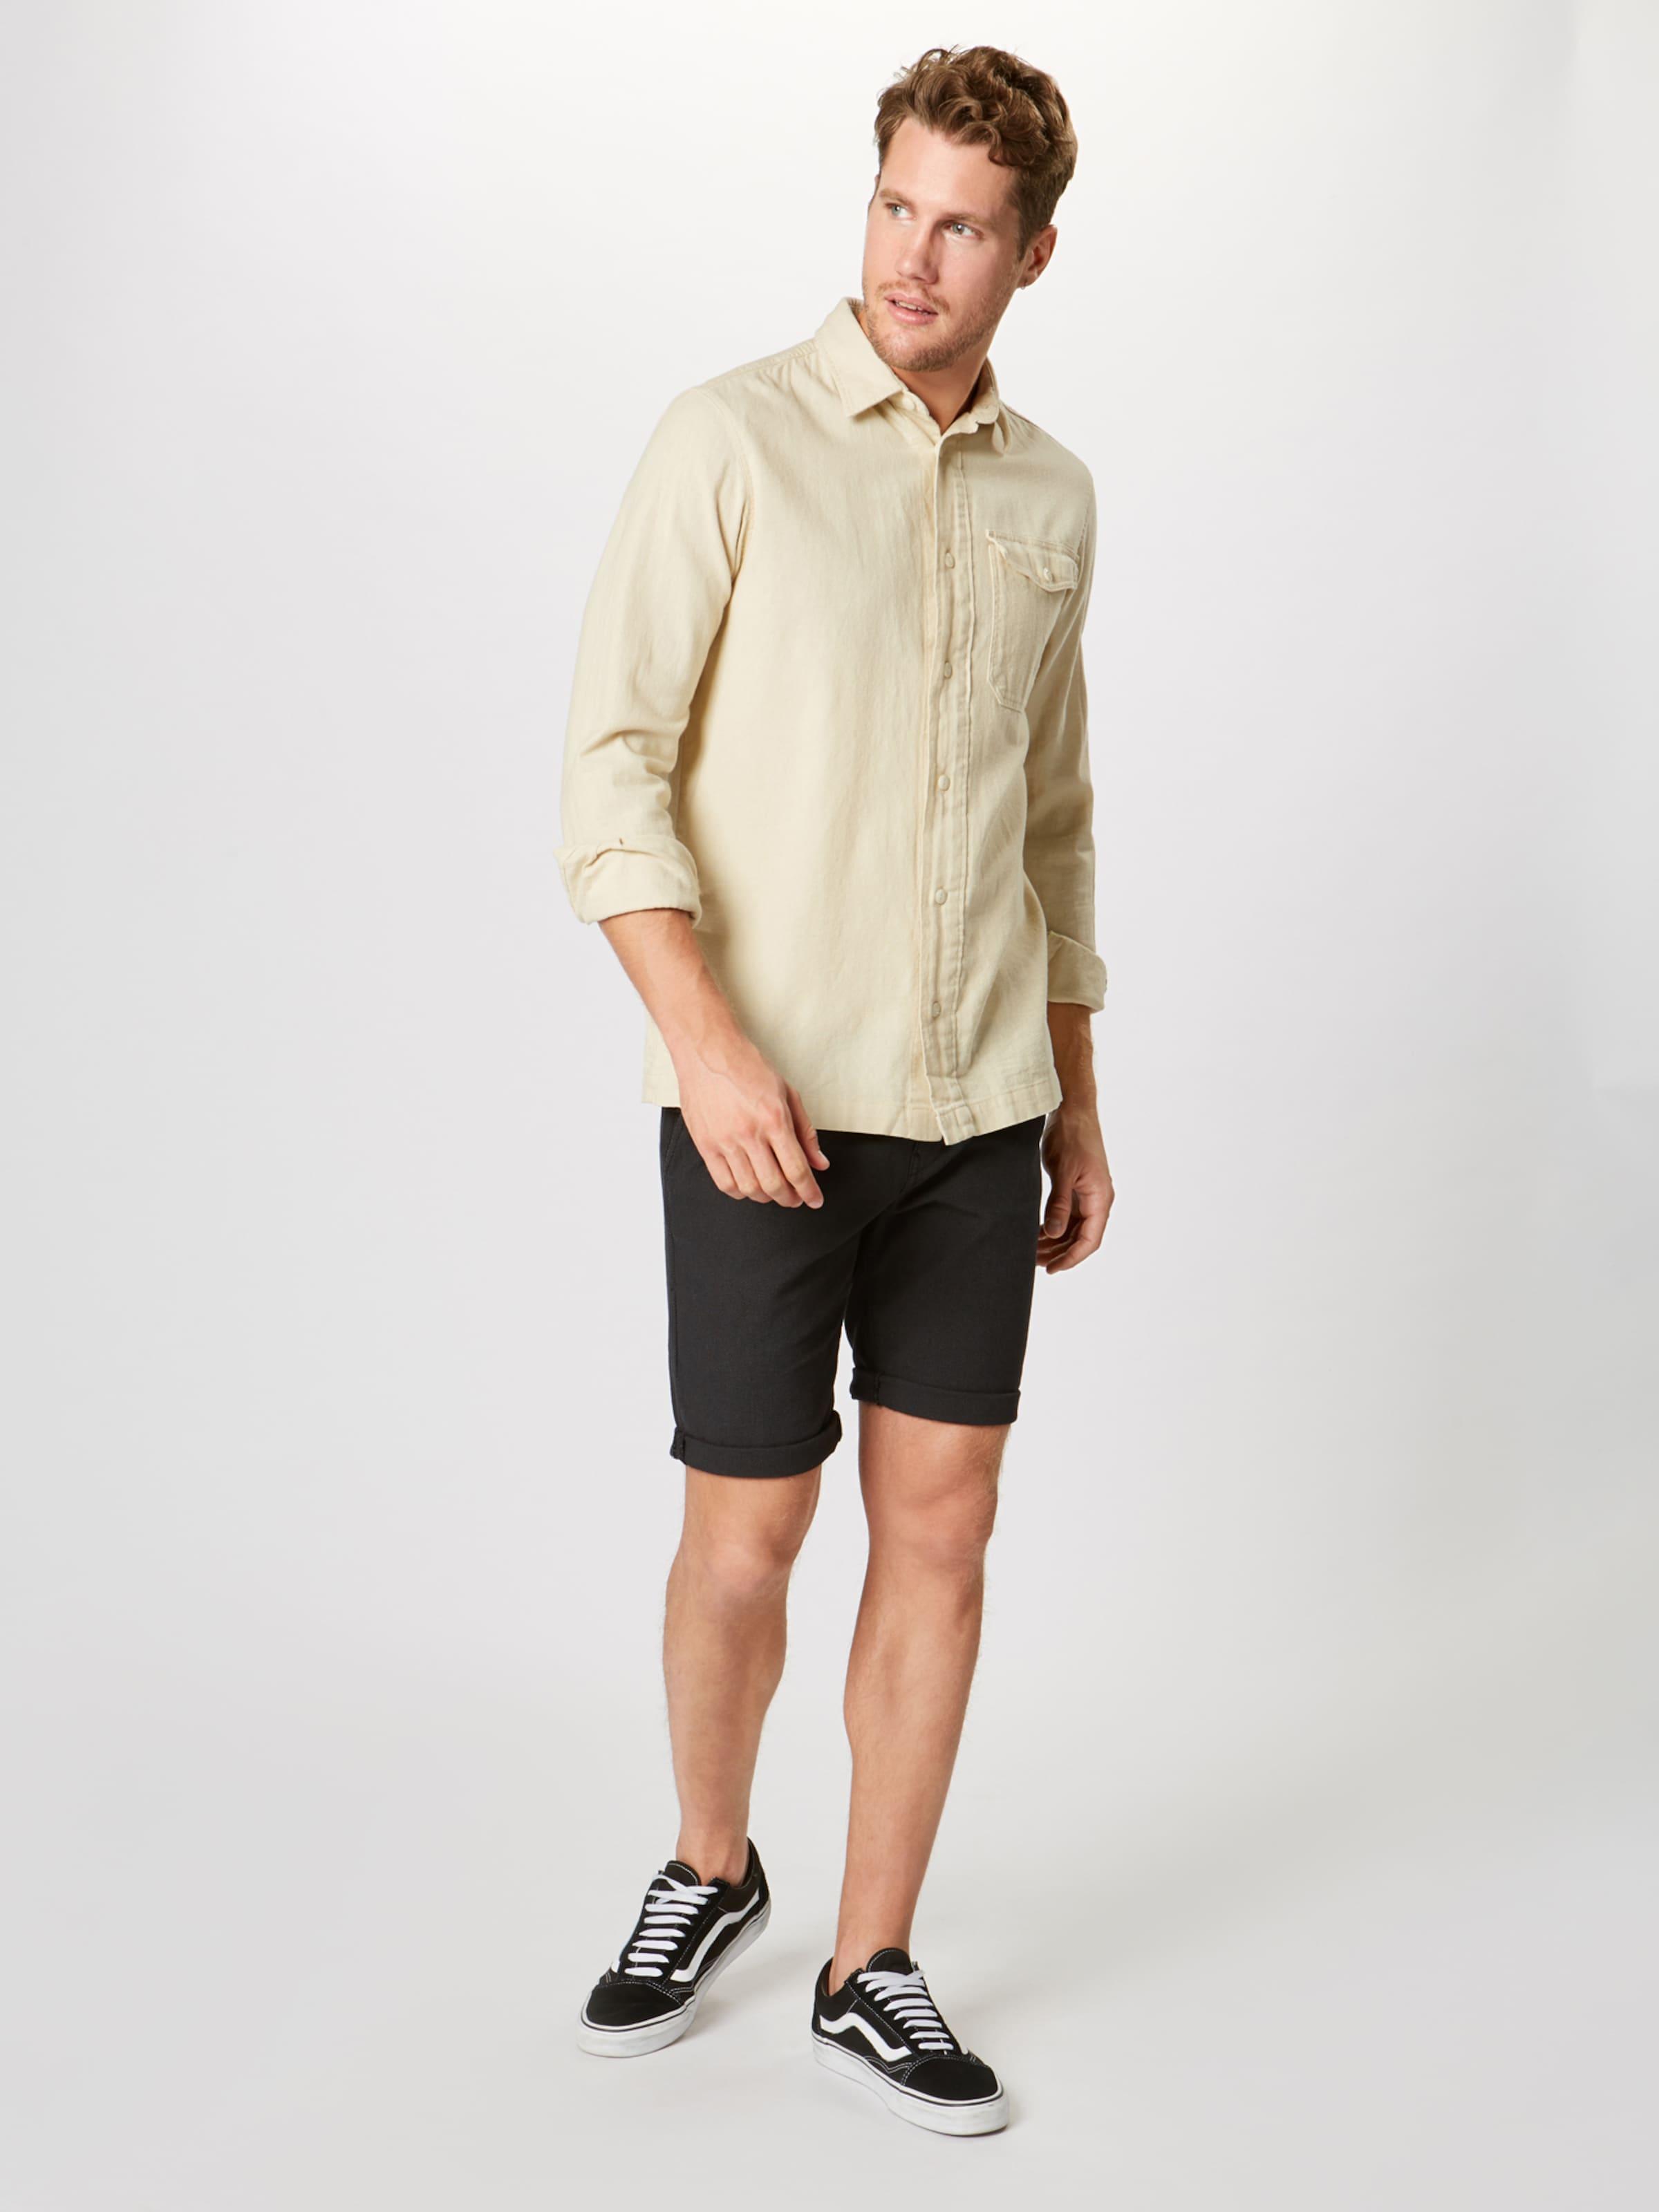 Schwarz Shorts Tom In Denim Tailor gymY7fIb6v